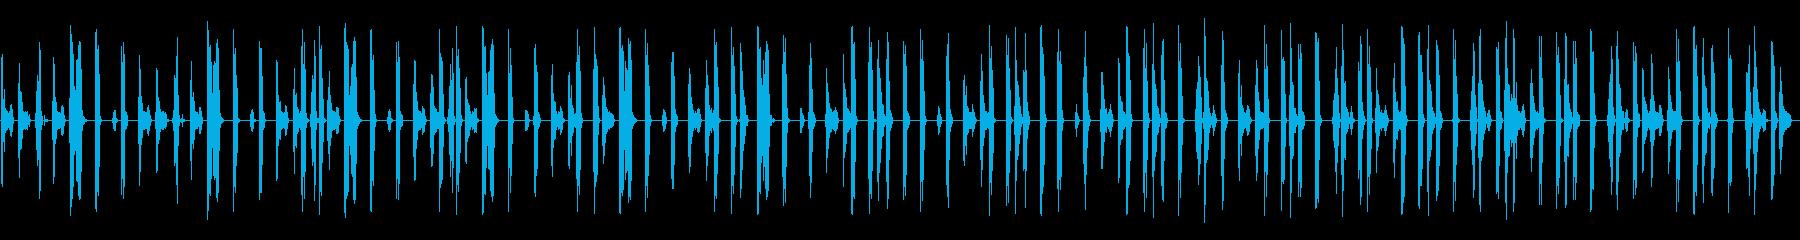 ビッグマウスパーカッションバリエー...の再生済みの波形